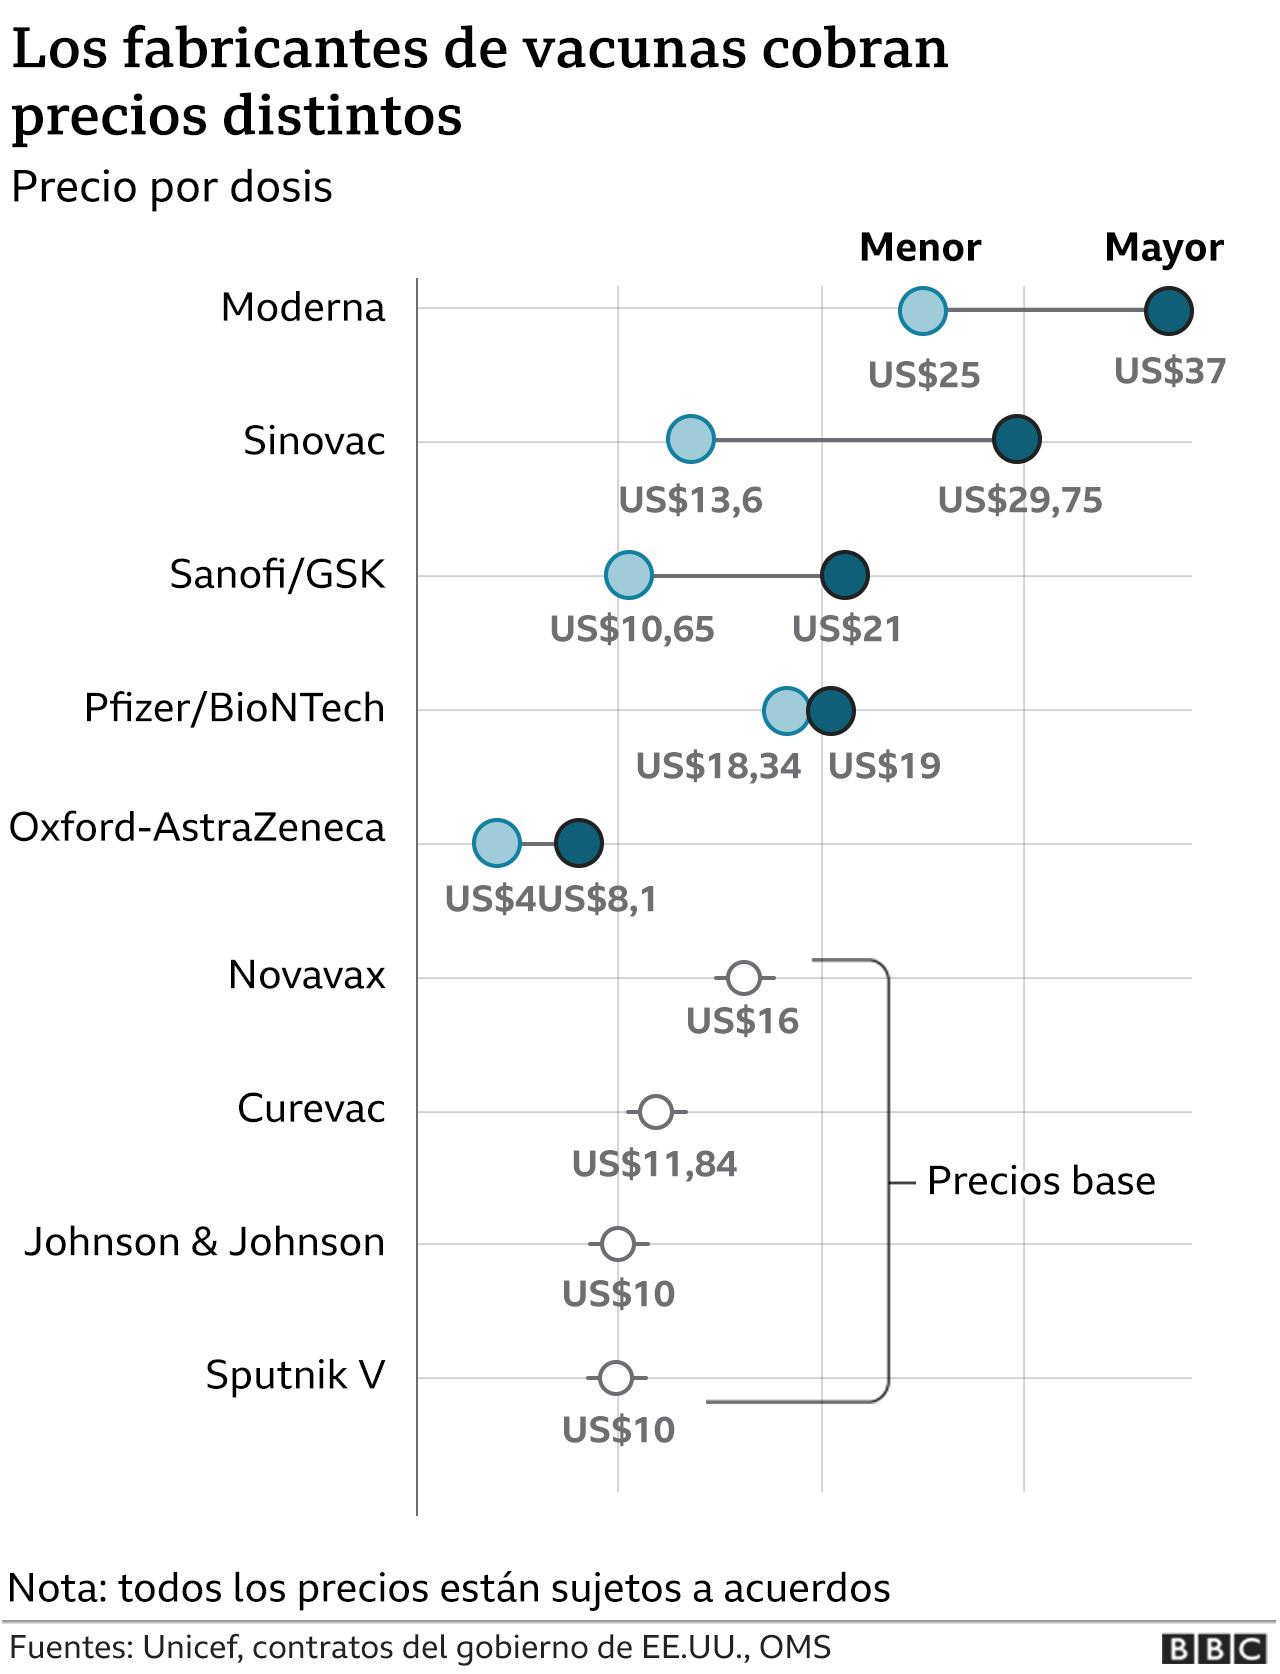 Precios de los fabricantes de vacunas